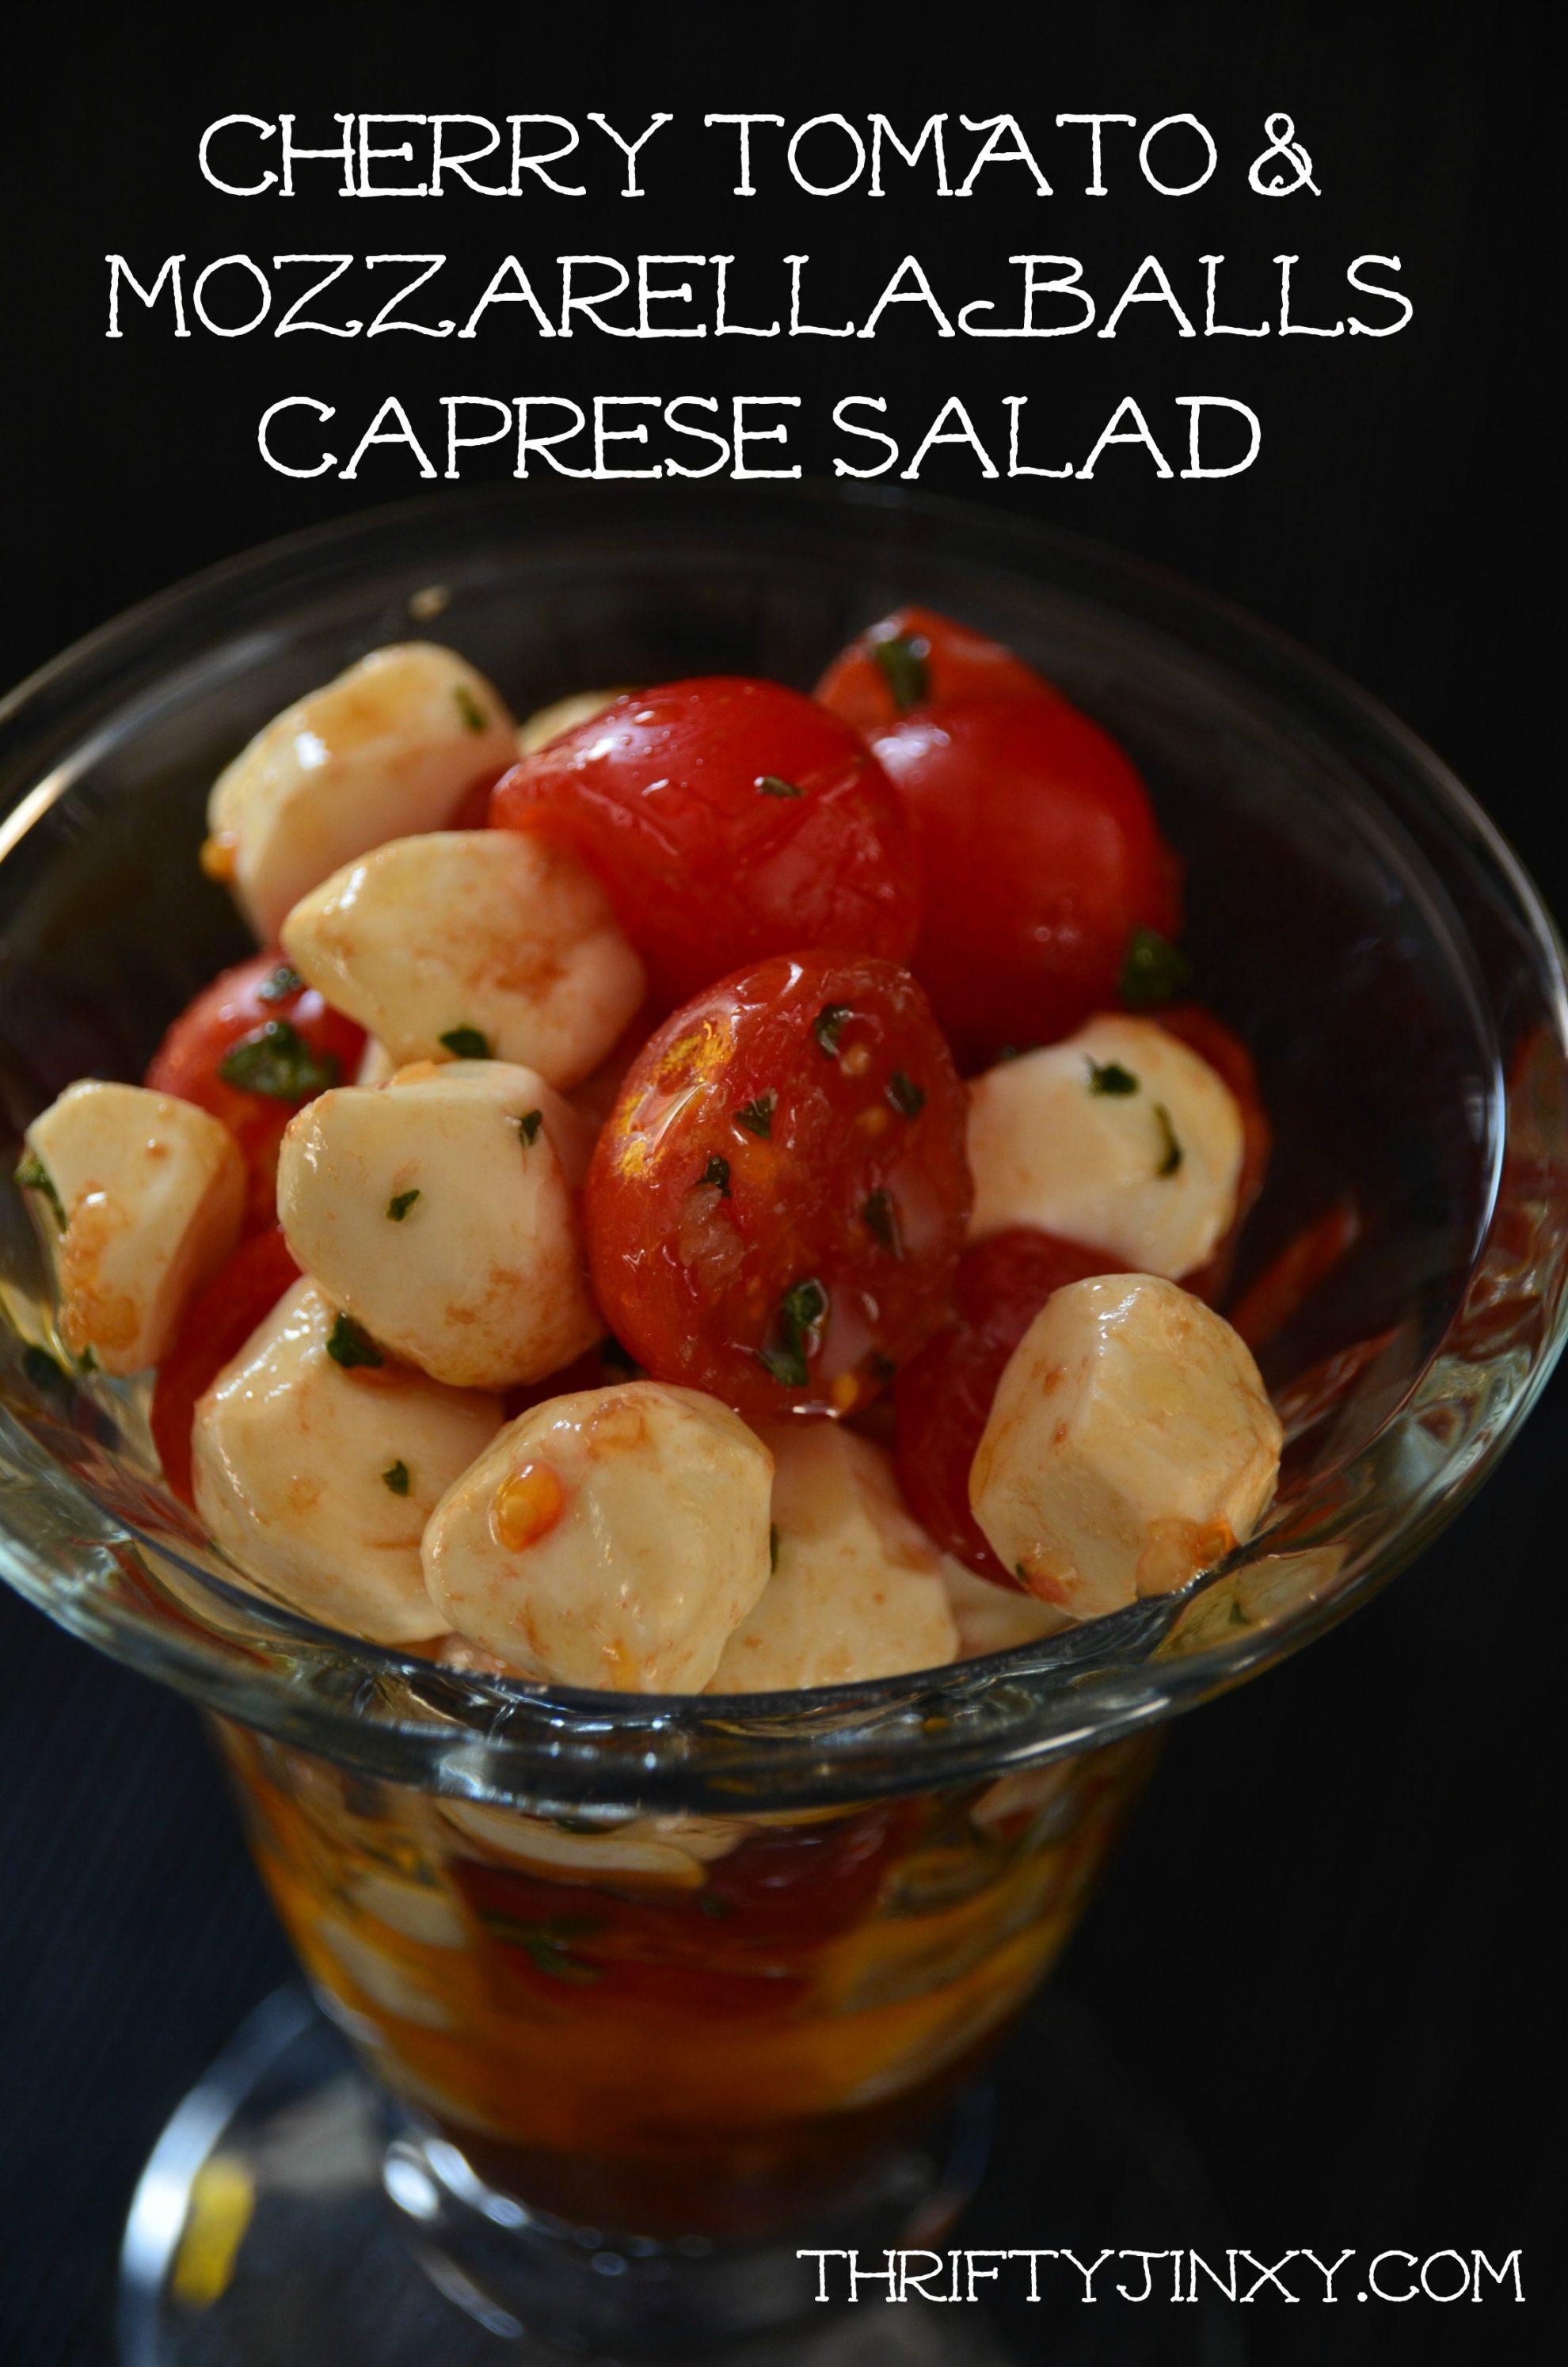 Tomato Mozzarella Balls Caprese Salad